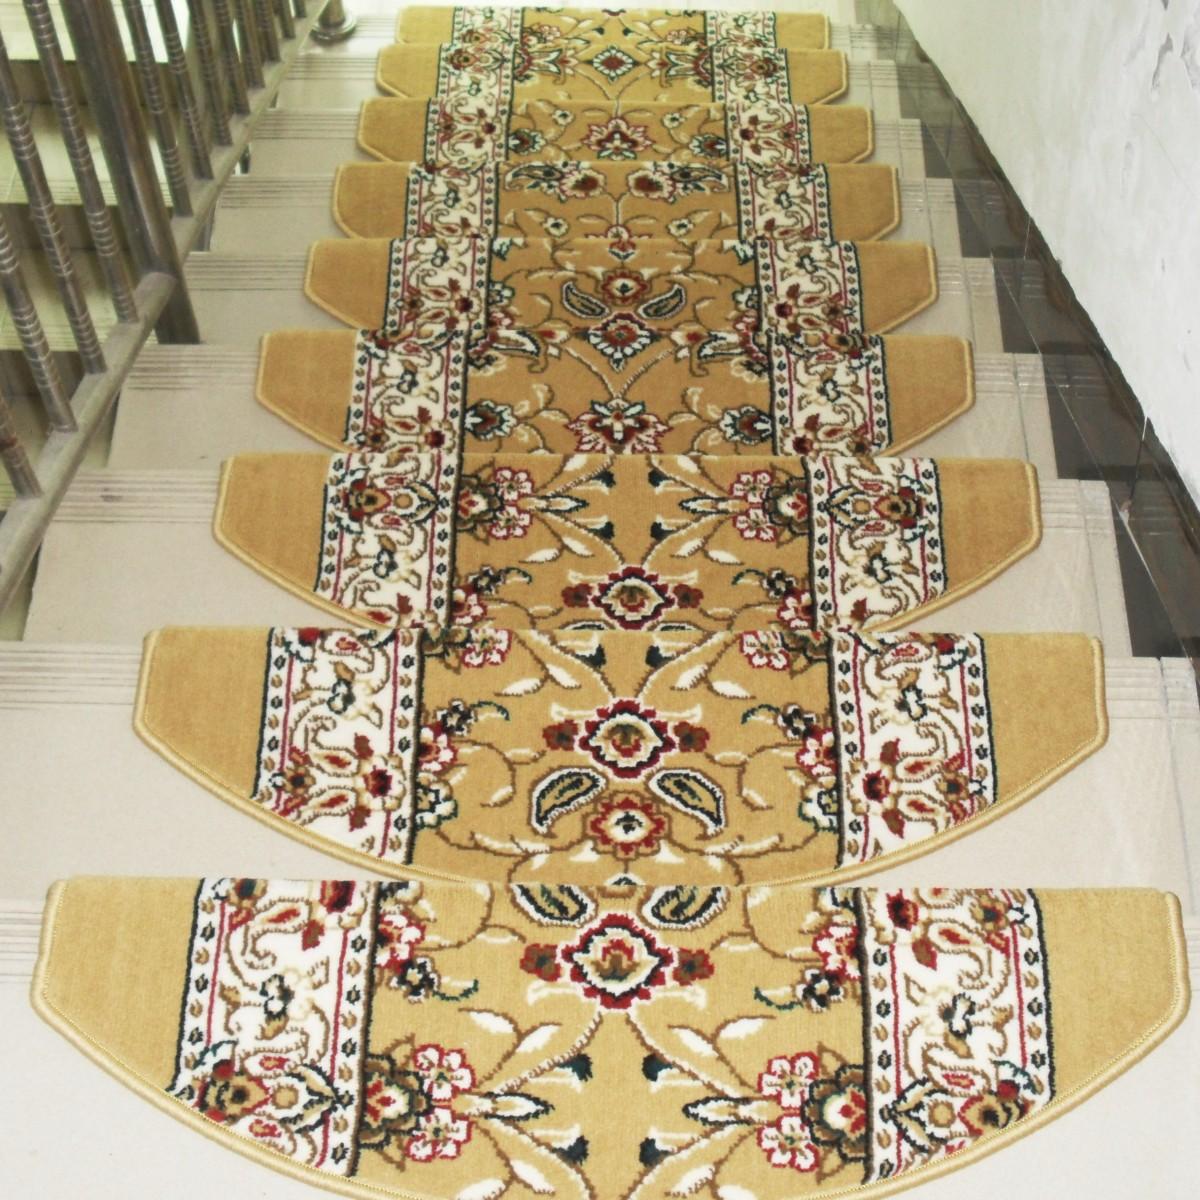 Escalier De Tapis De Bricolage Promotion Achetez Des Escalier De Tapis De Bricolage